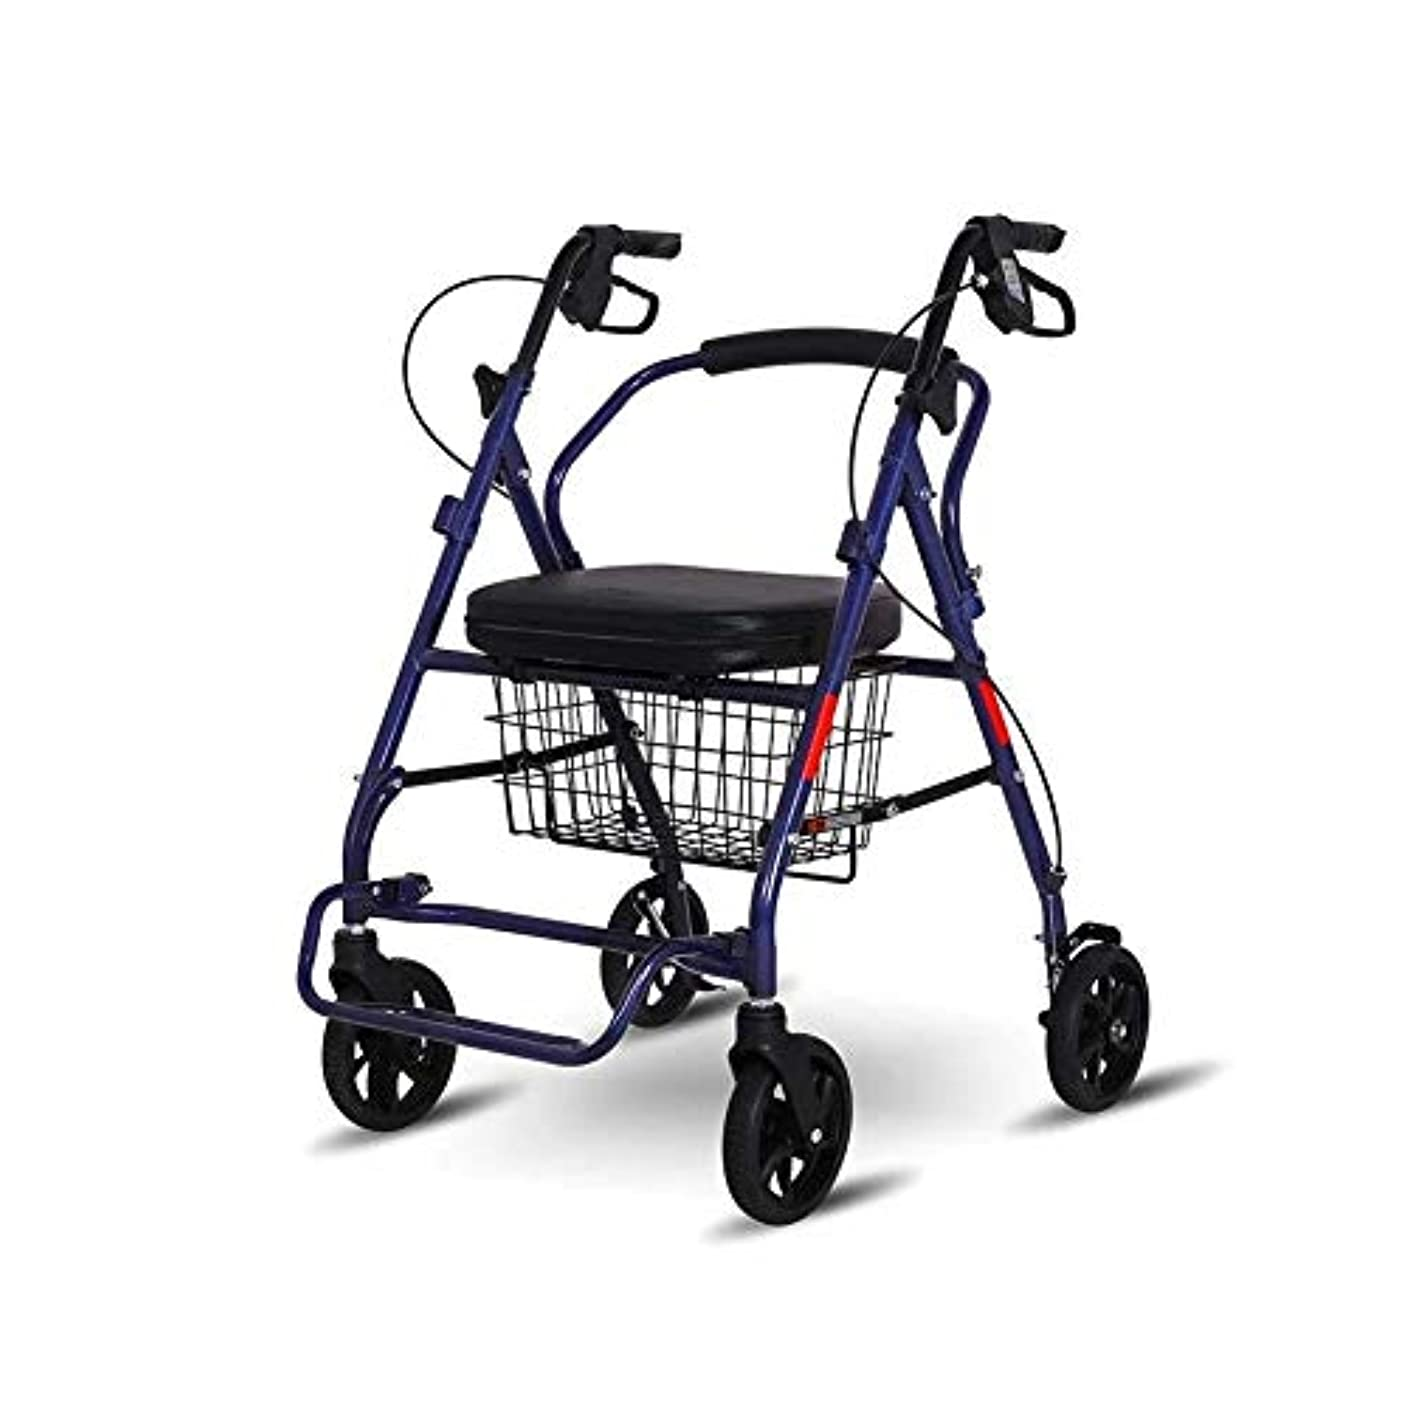 に変わるフライカイト数字折りたたみ式歩行歩行器、パッド入りシート&背もたれ、ロック可能なブレーキ、フットレスト、歩行補助